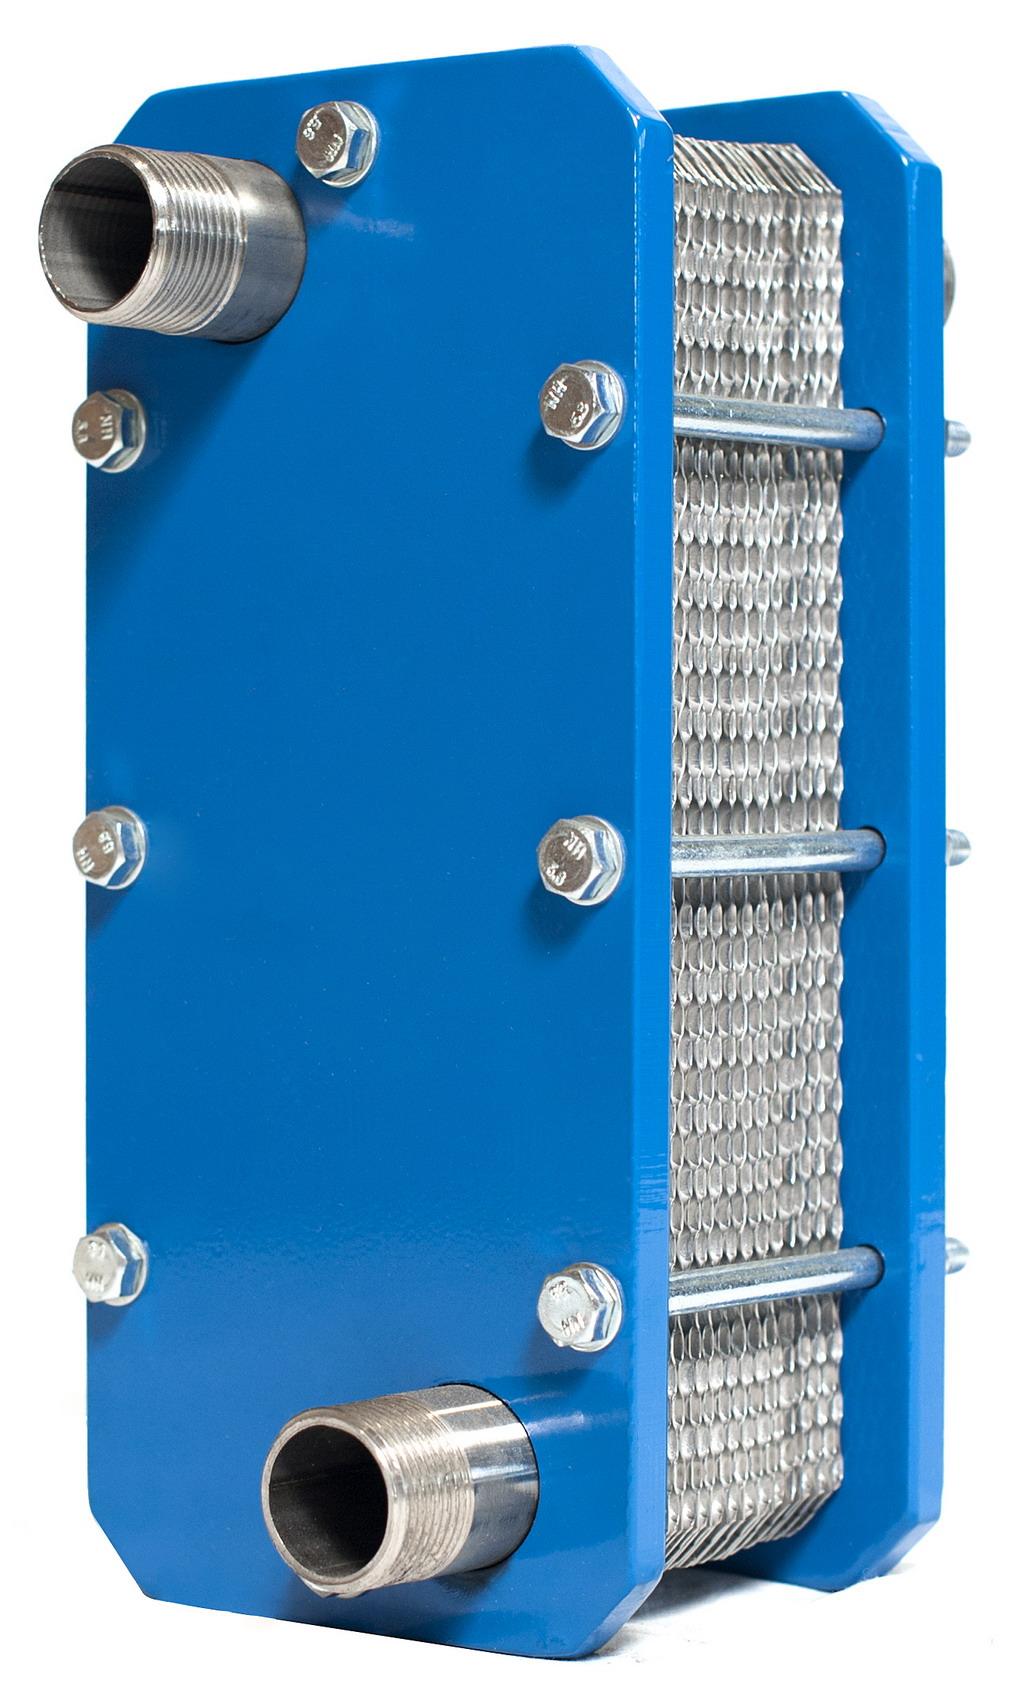 Пластинчатый теплообменник в вентиляции самые эффективные теплообменники